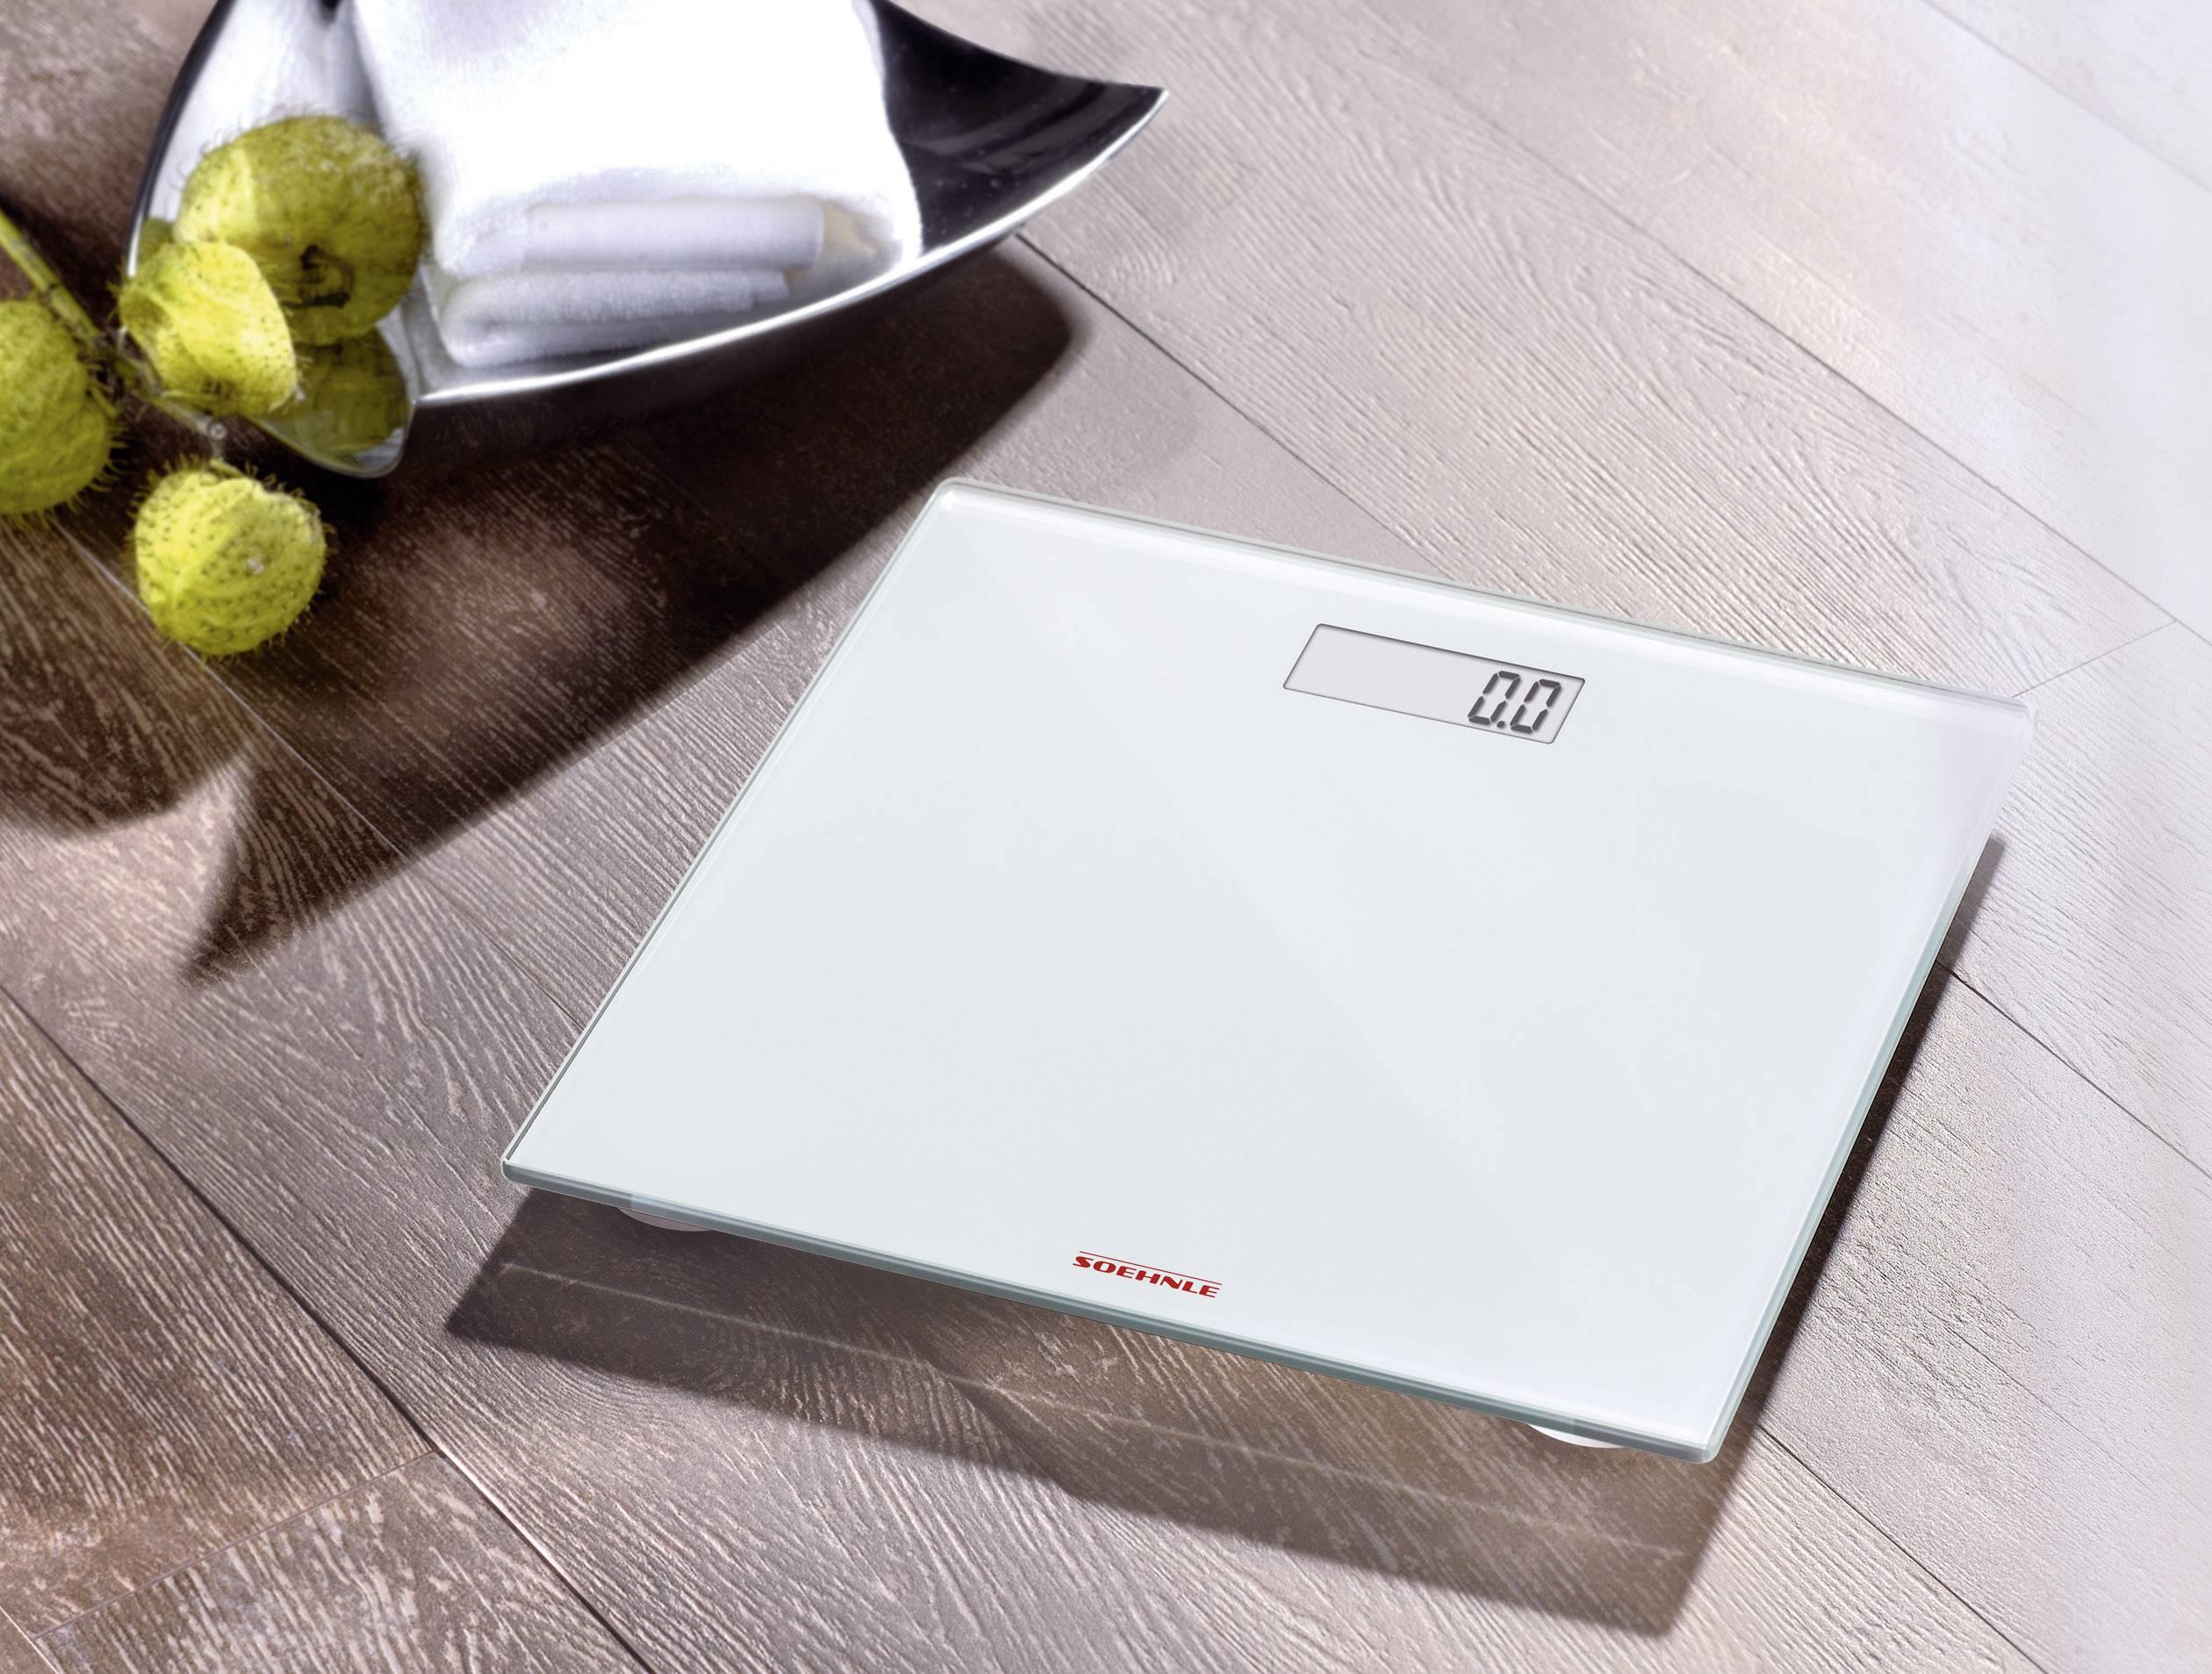 Osobná váha Soehnle Pino White, 63747, biela